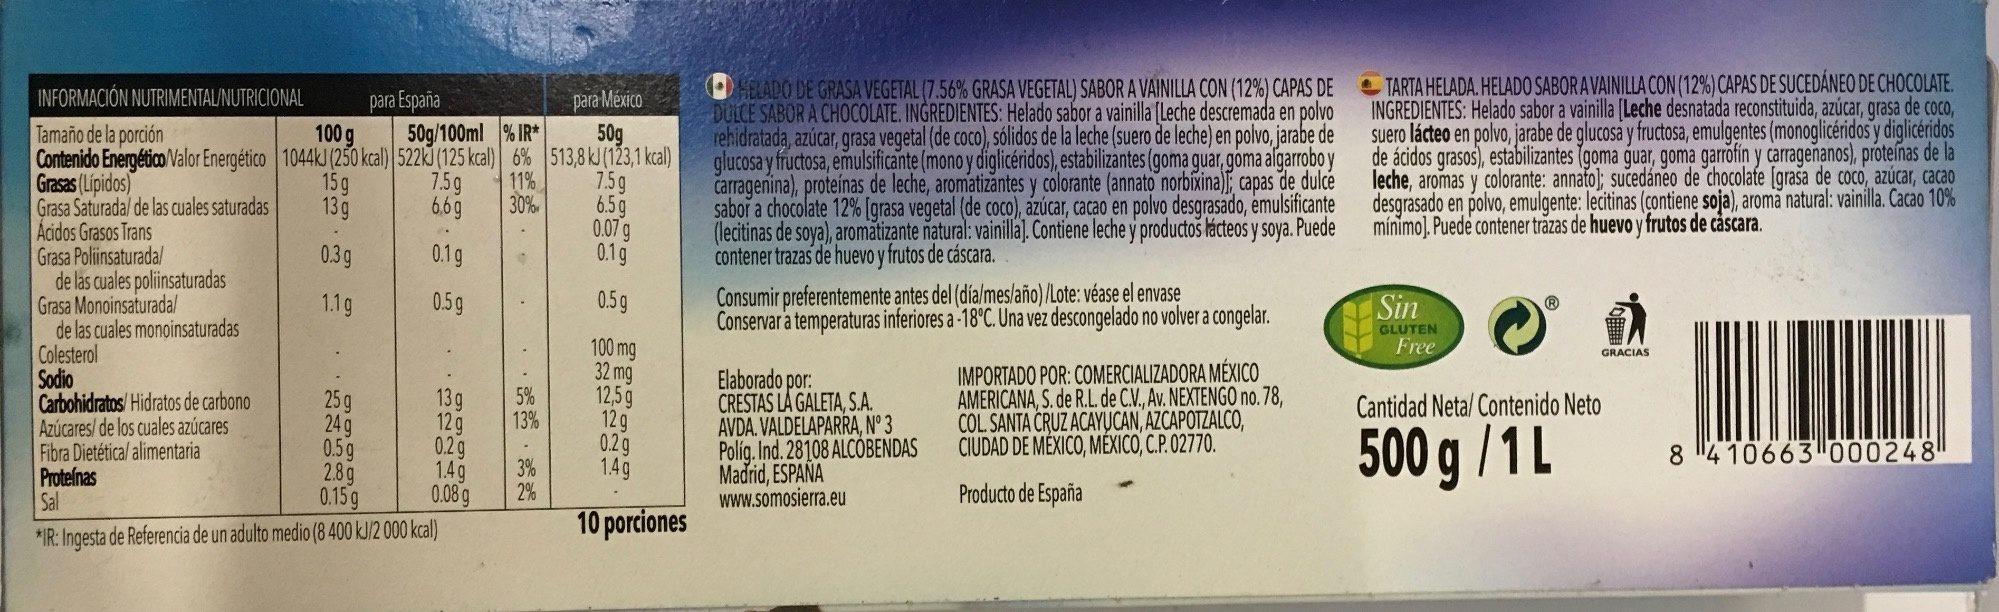 Tarta de vainilla - Ingredients - es